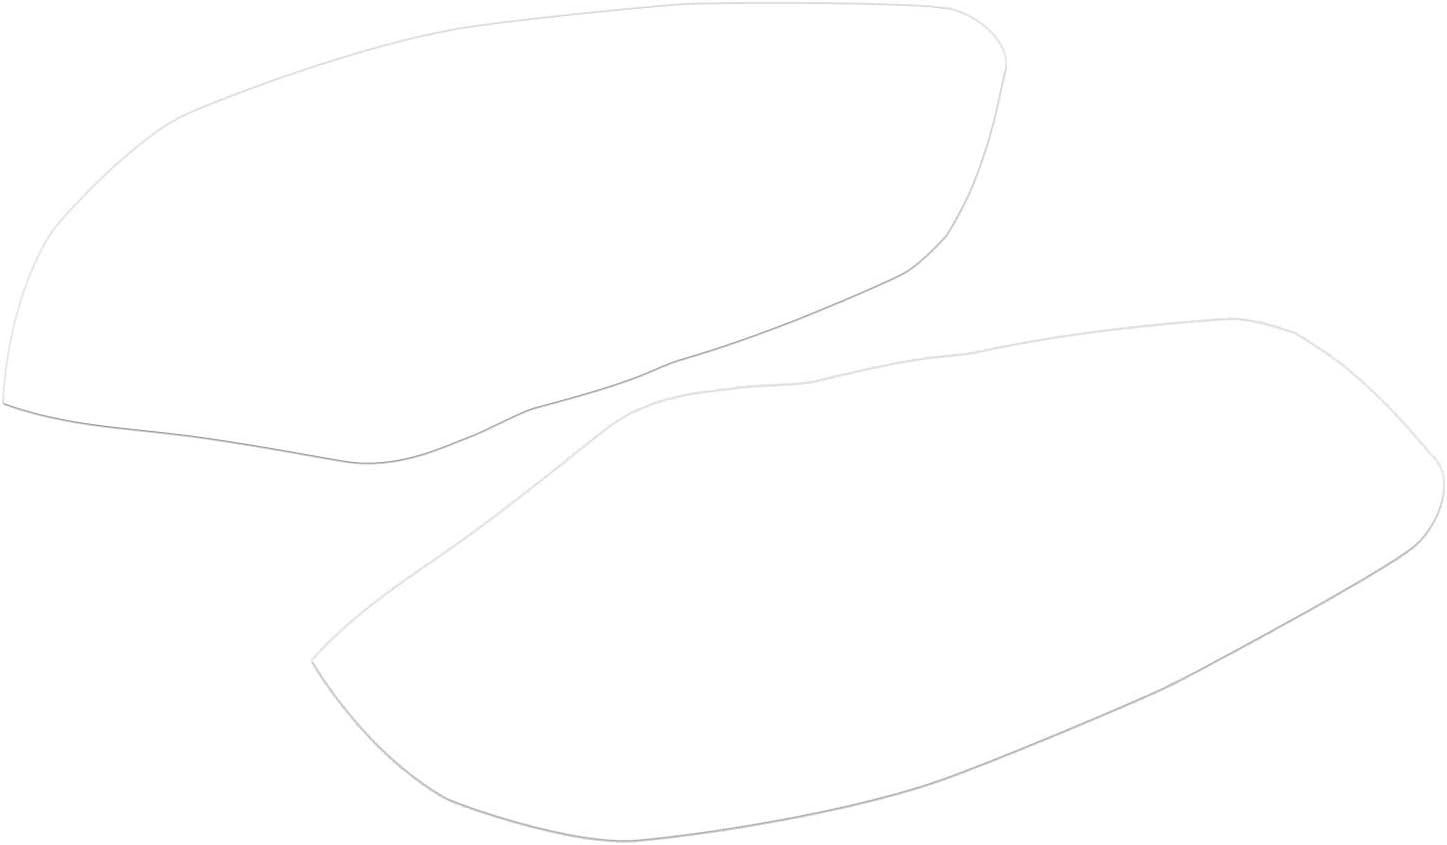 WOVELOT pour Yamaha R6 2008 2009 2010 11 12 13 14 15 Tampon De R/éservoir Antid/érapant pour Moto Autocollant Protecteur pour Tampon De Traction pour Genouill/ères /à Gaz Lat/éraux